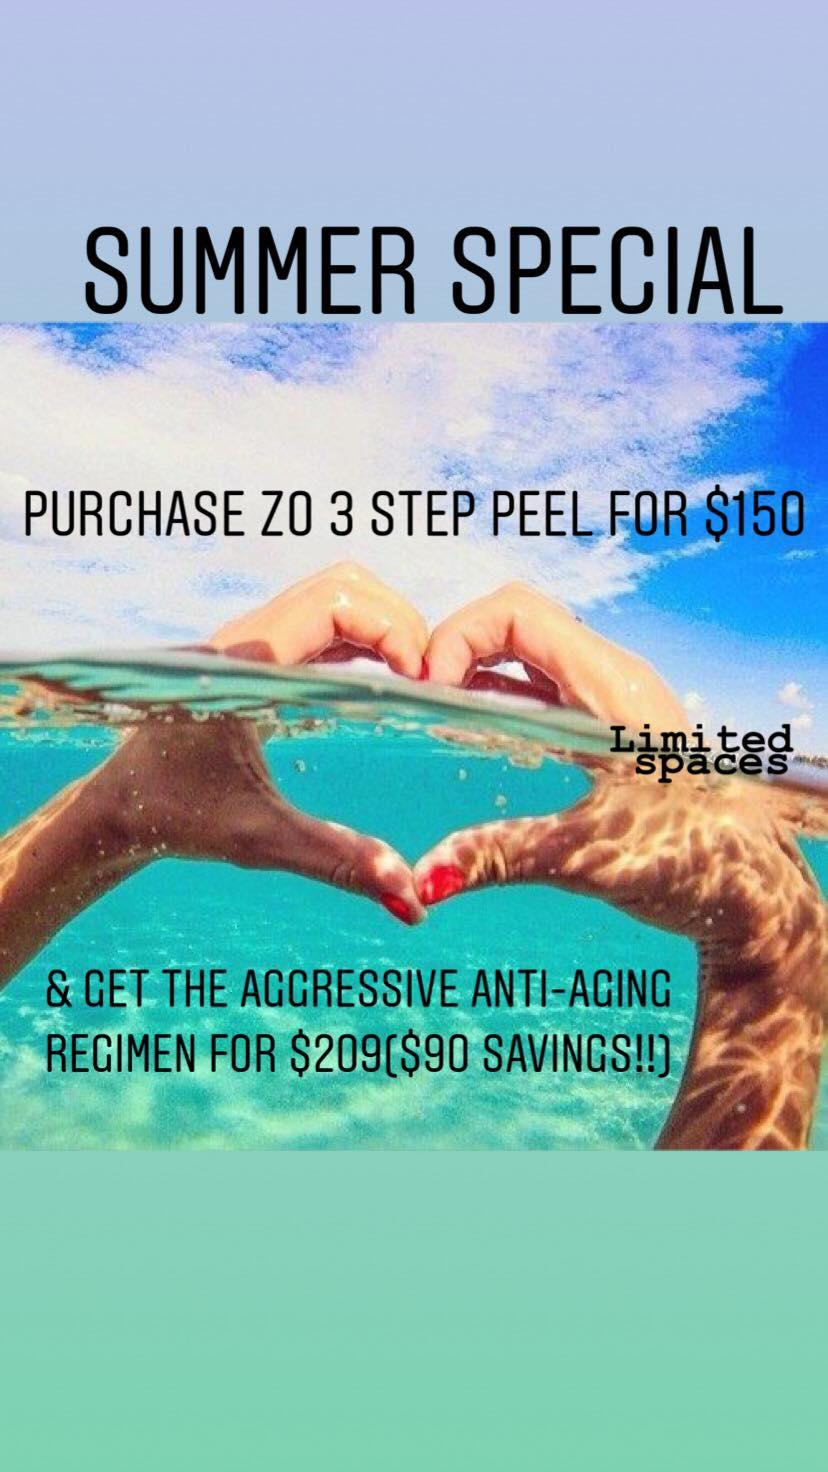 Summer 3 Step Peel.jpg